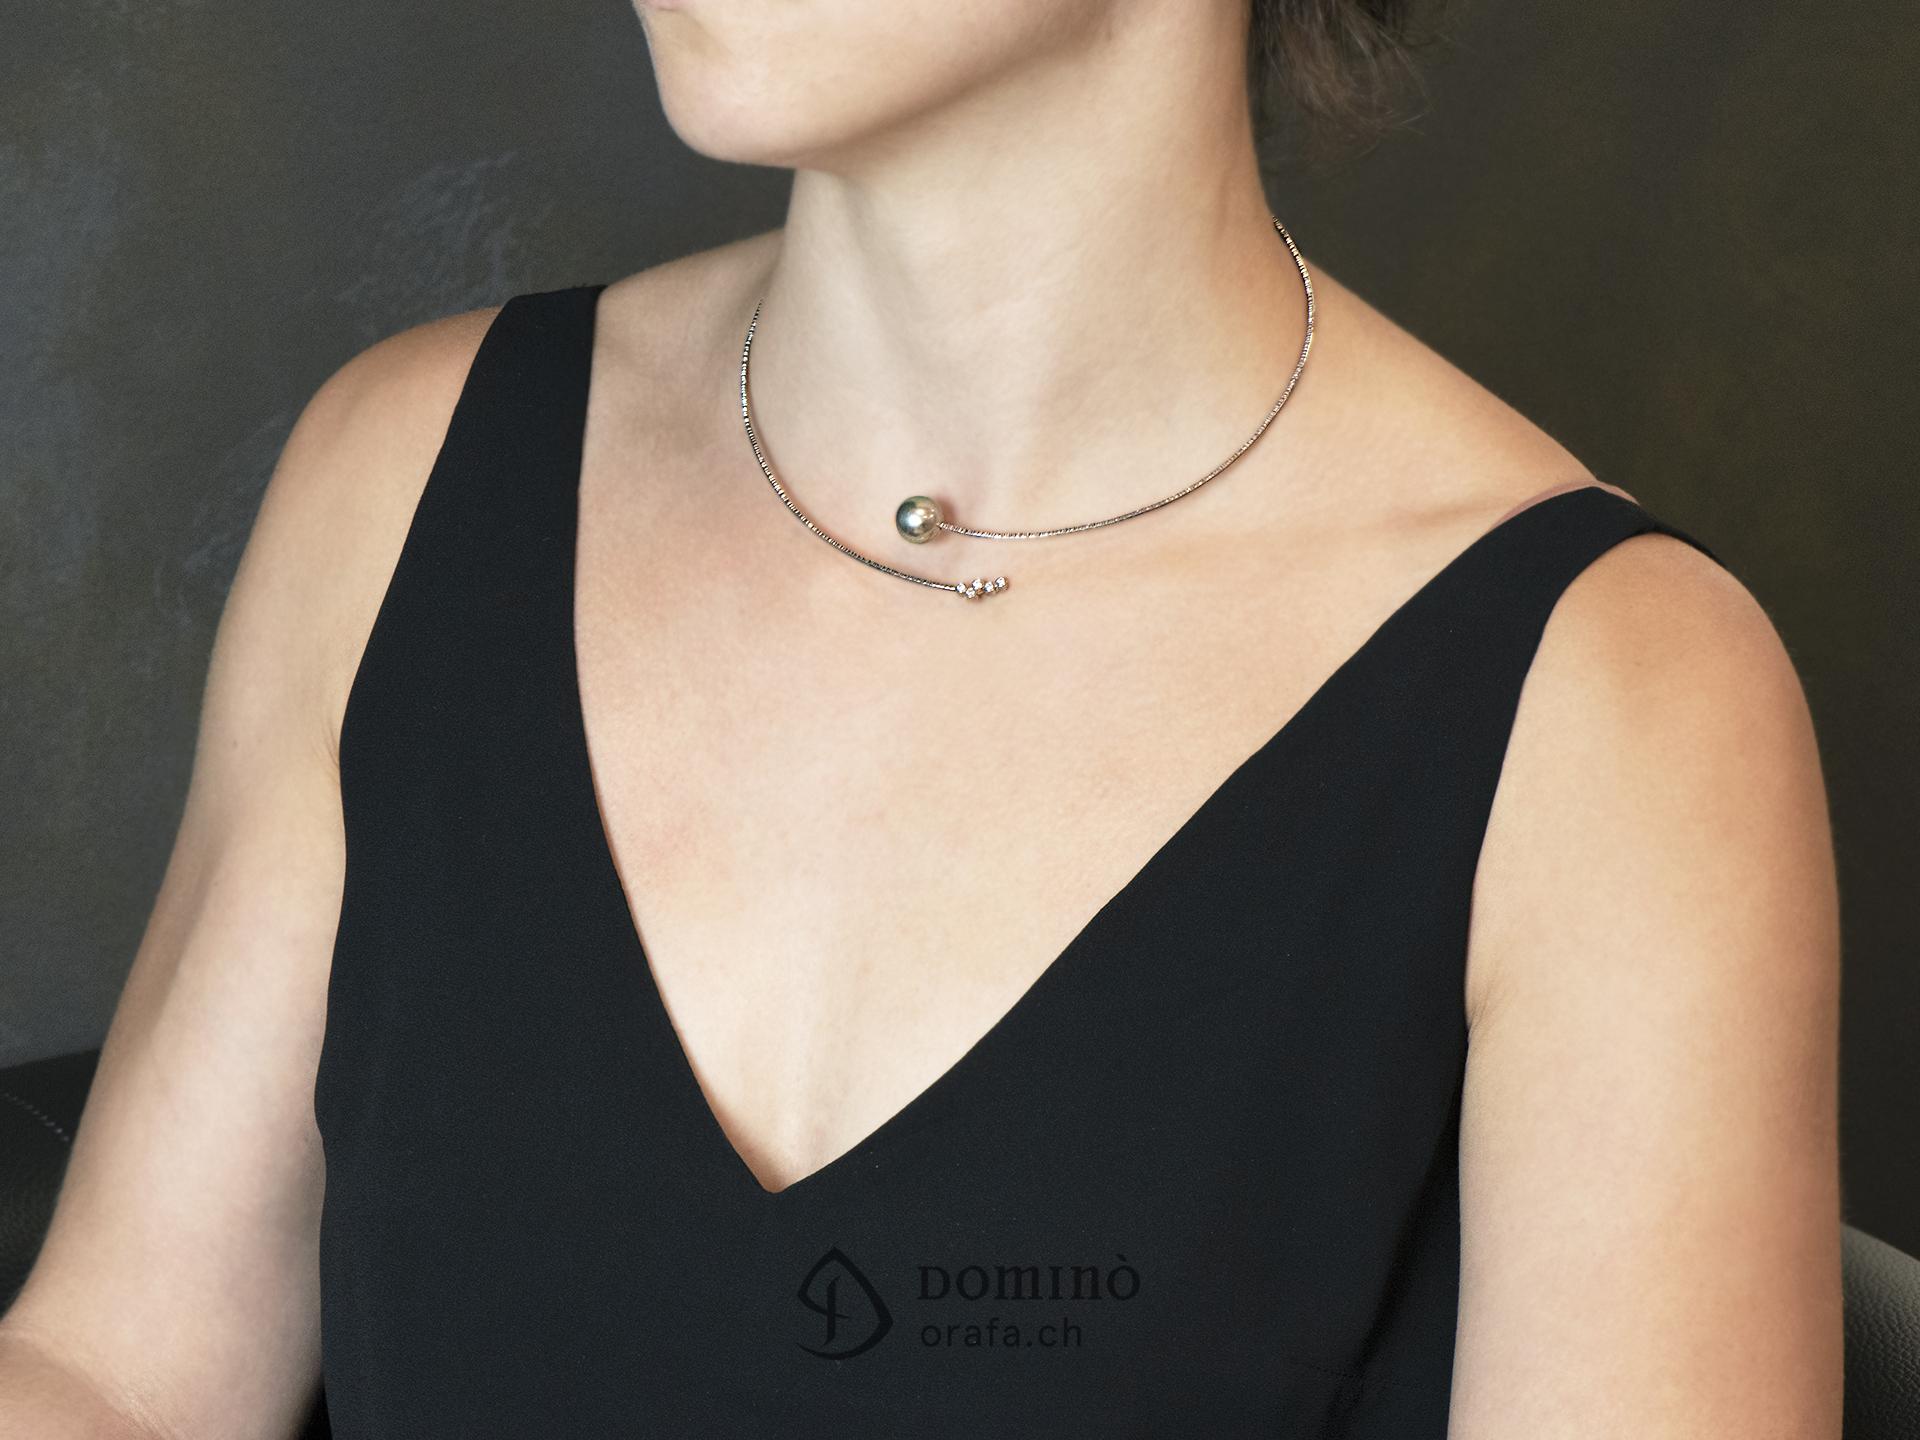 collier-rigido-linee-perla-tahiti-diamanti-1